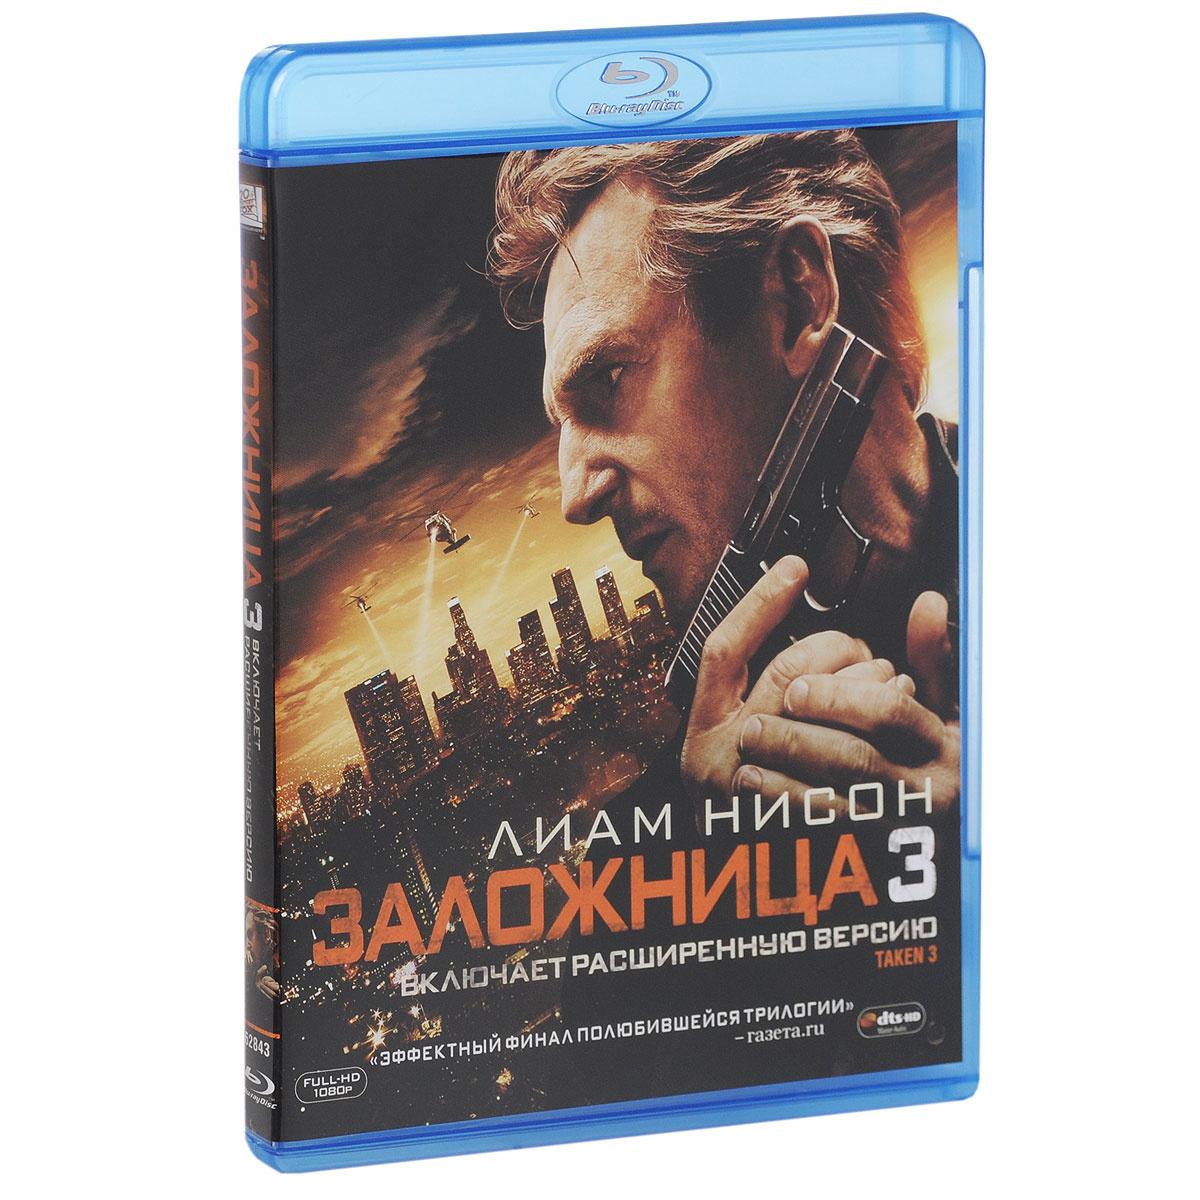 Заложница 3 (Blu-ray) #1